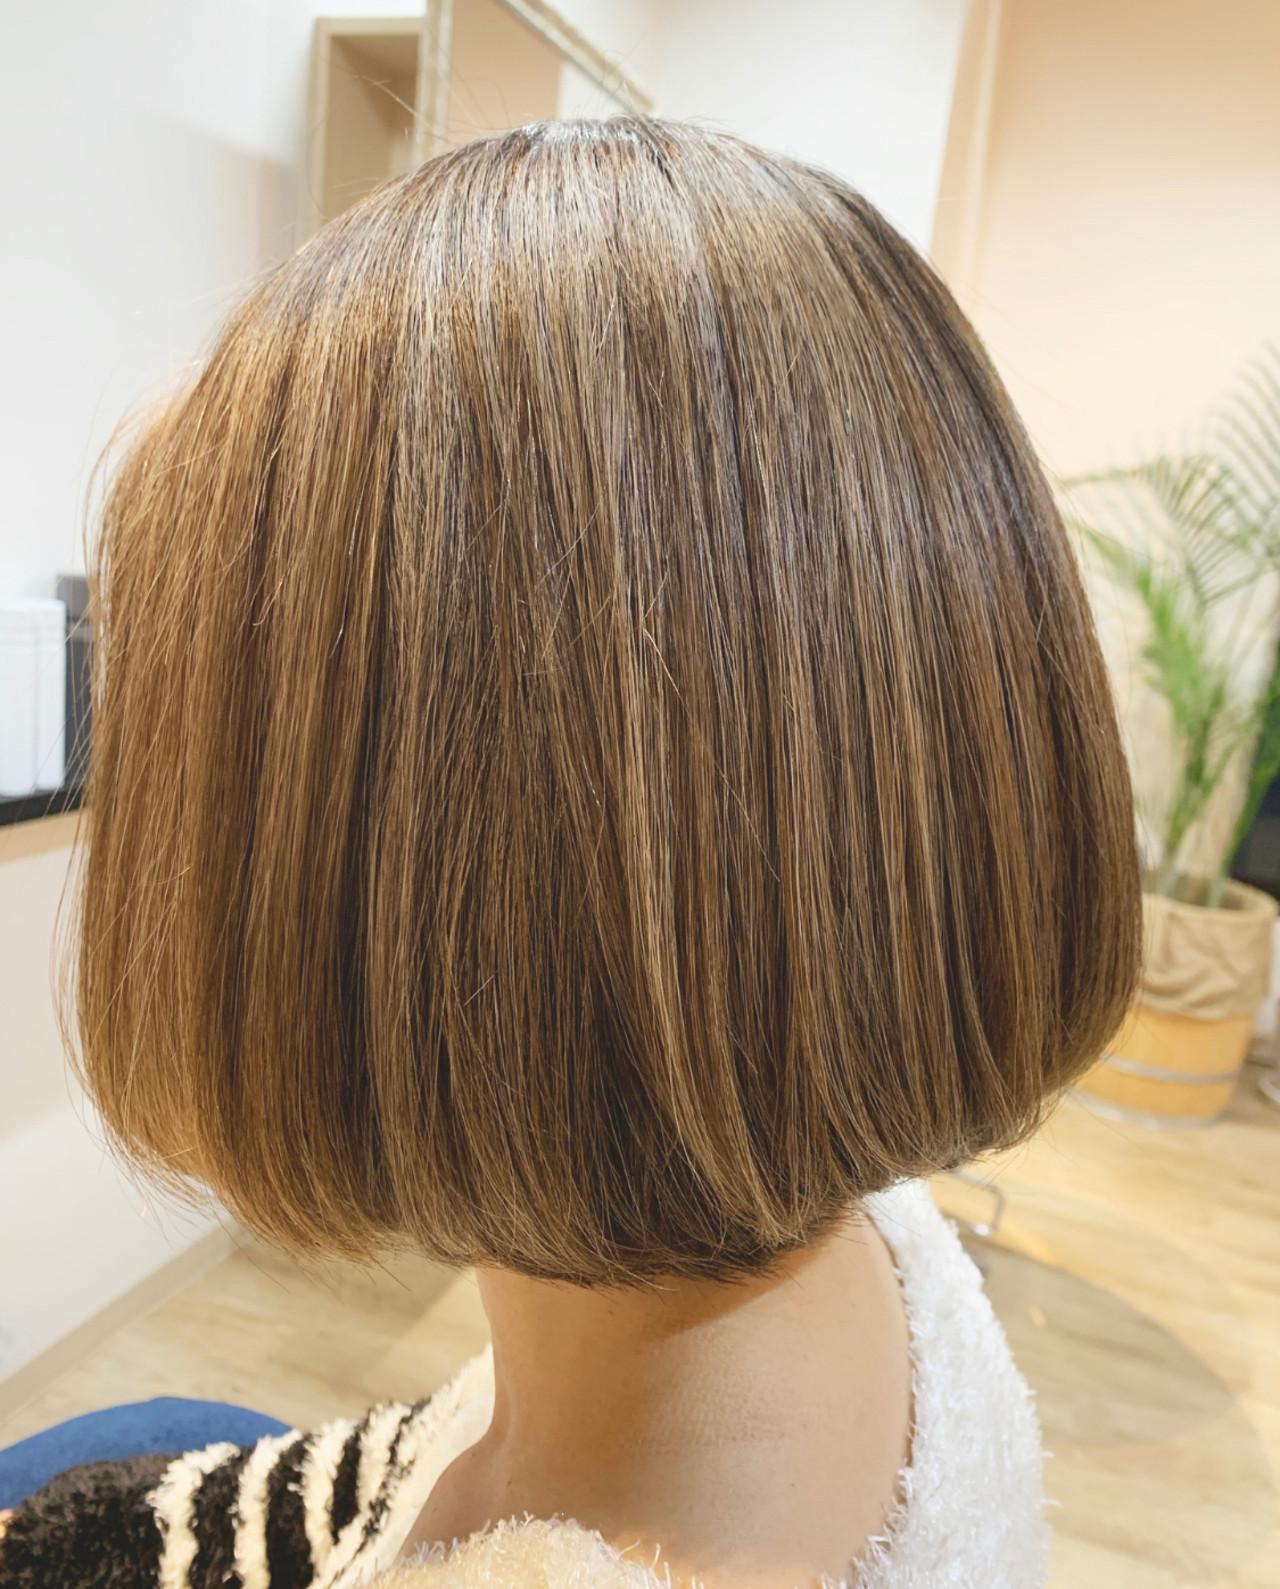 イルミナカラー アッシュグレージュ 切りっぱなしボブ 外国人風カラーヘアスタイルや髪型の写真・画像